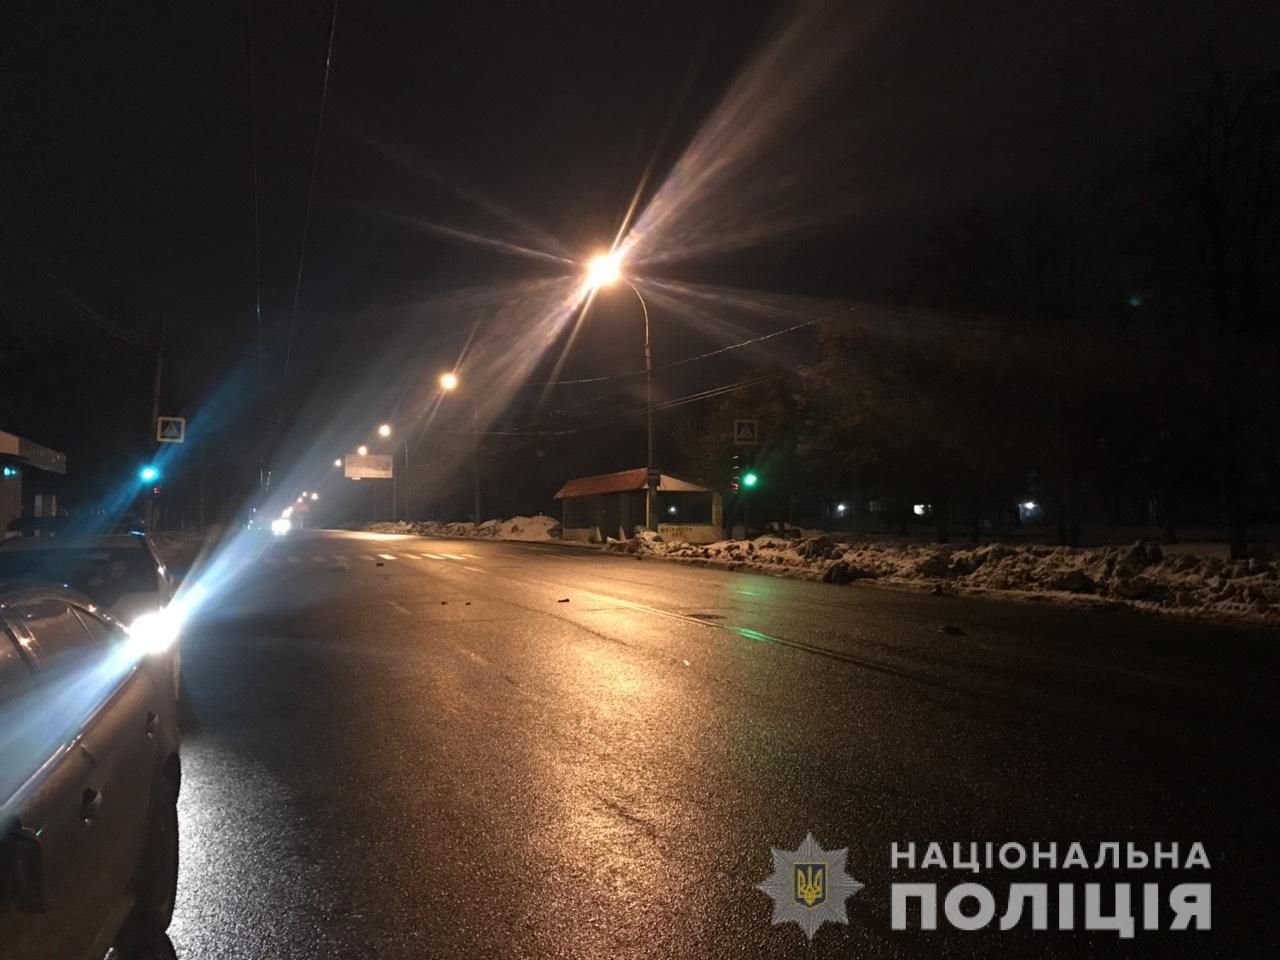 В Харькове водитель «Skoda» сбил женщину. Пострадавшая в больнице, - ФОТО, фото-1